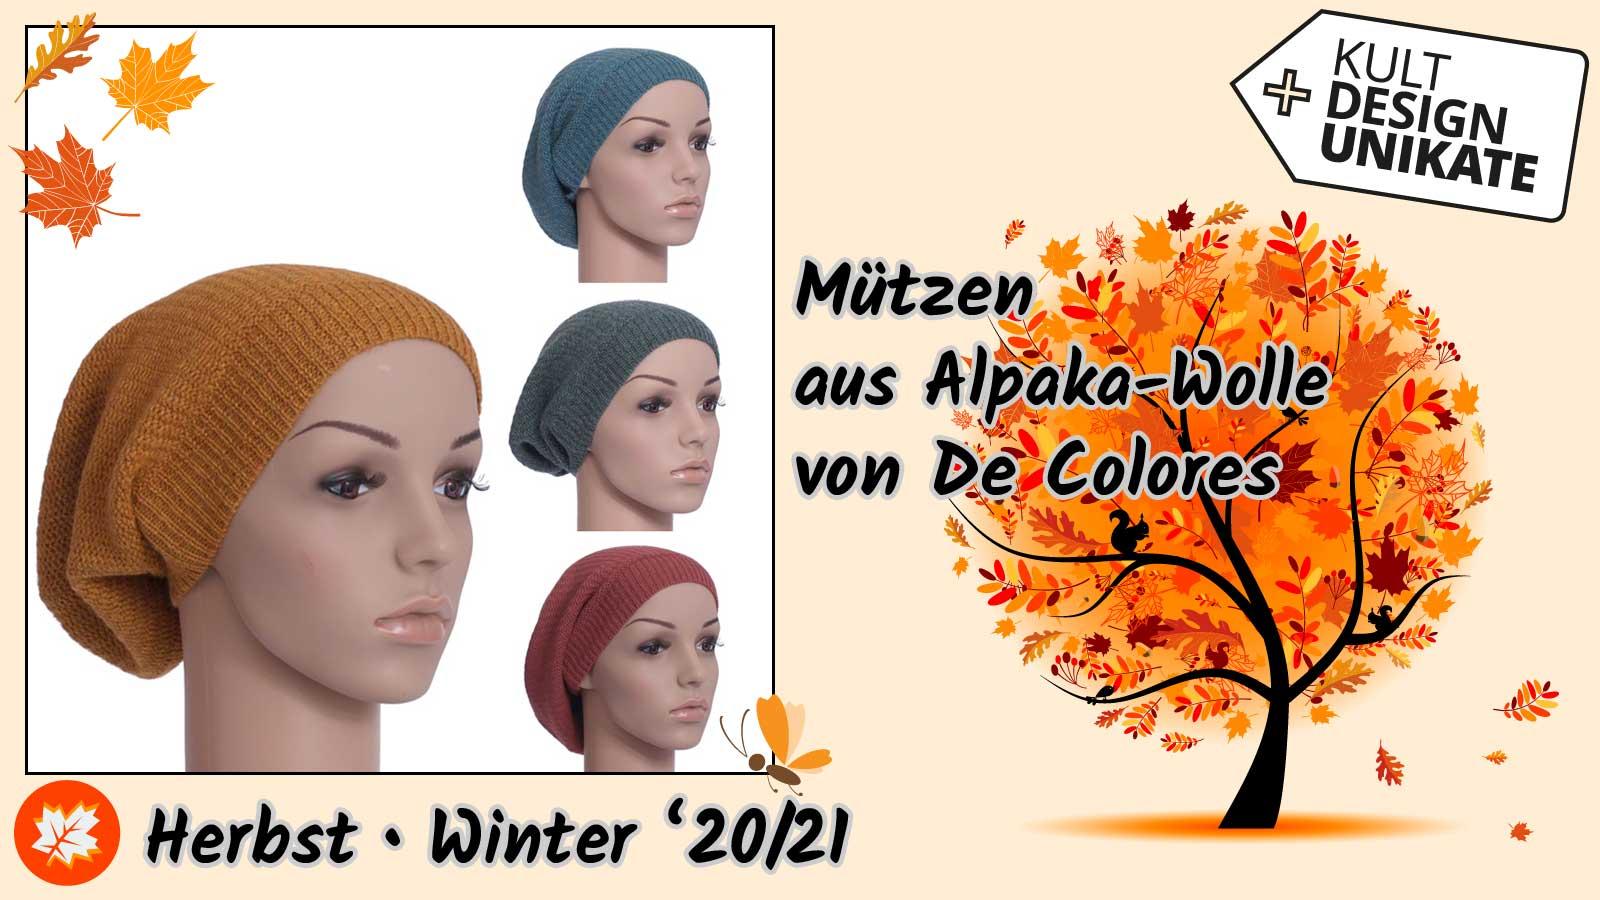 De-Colores-Muetzen